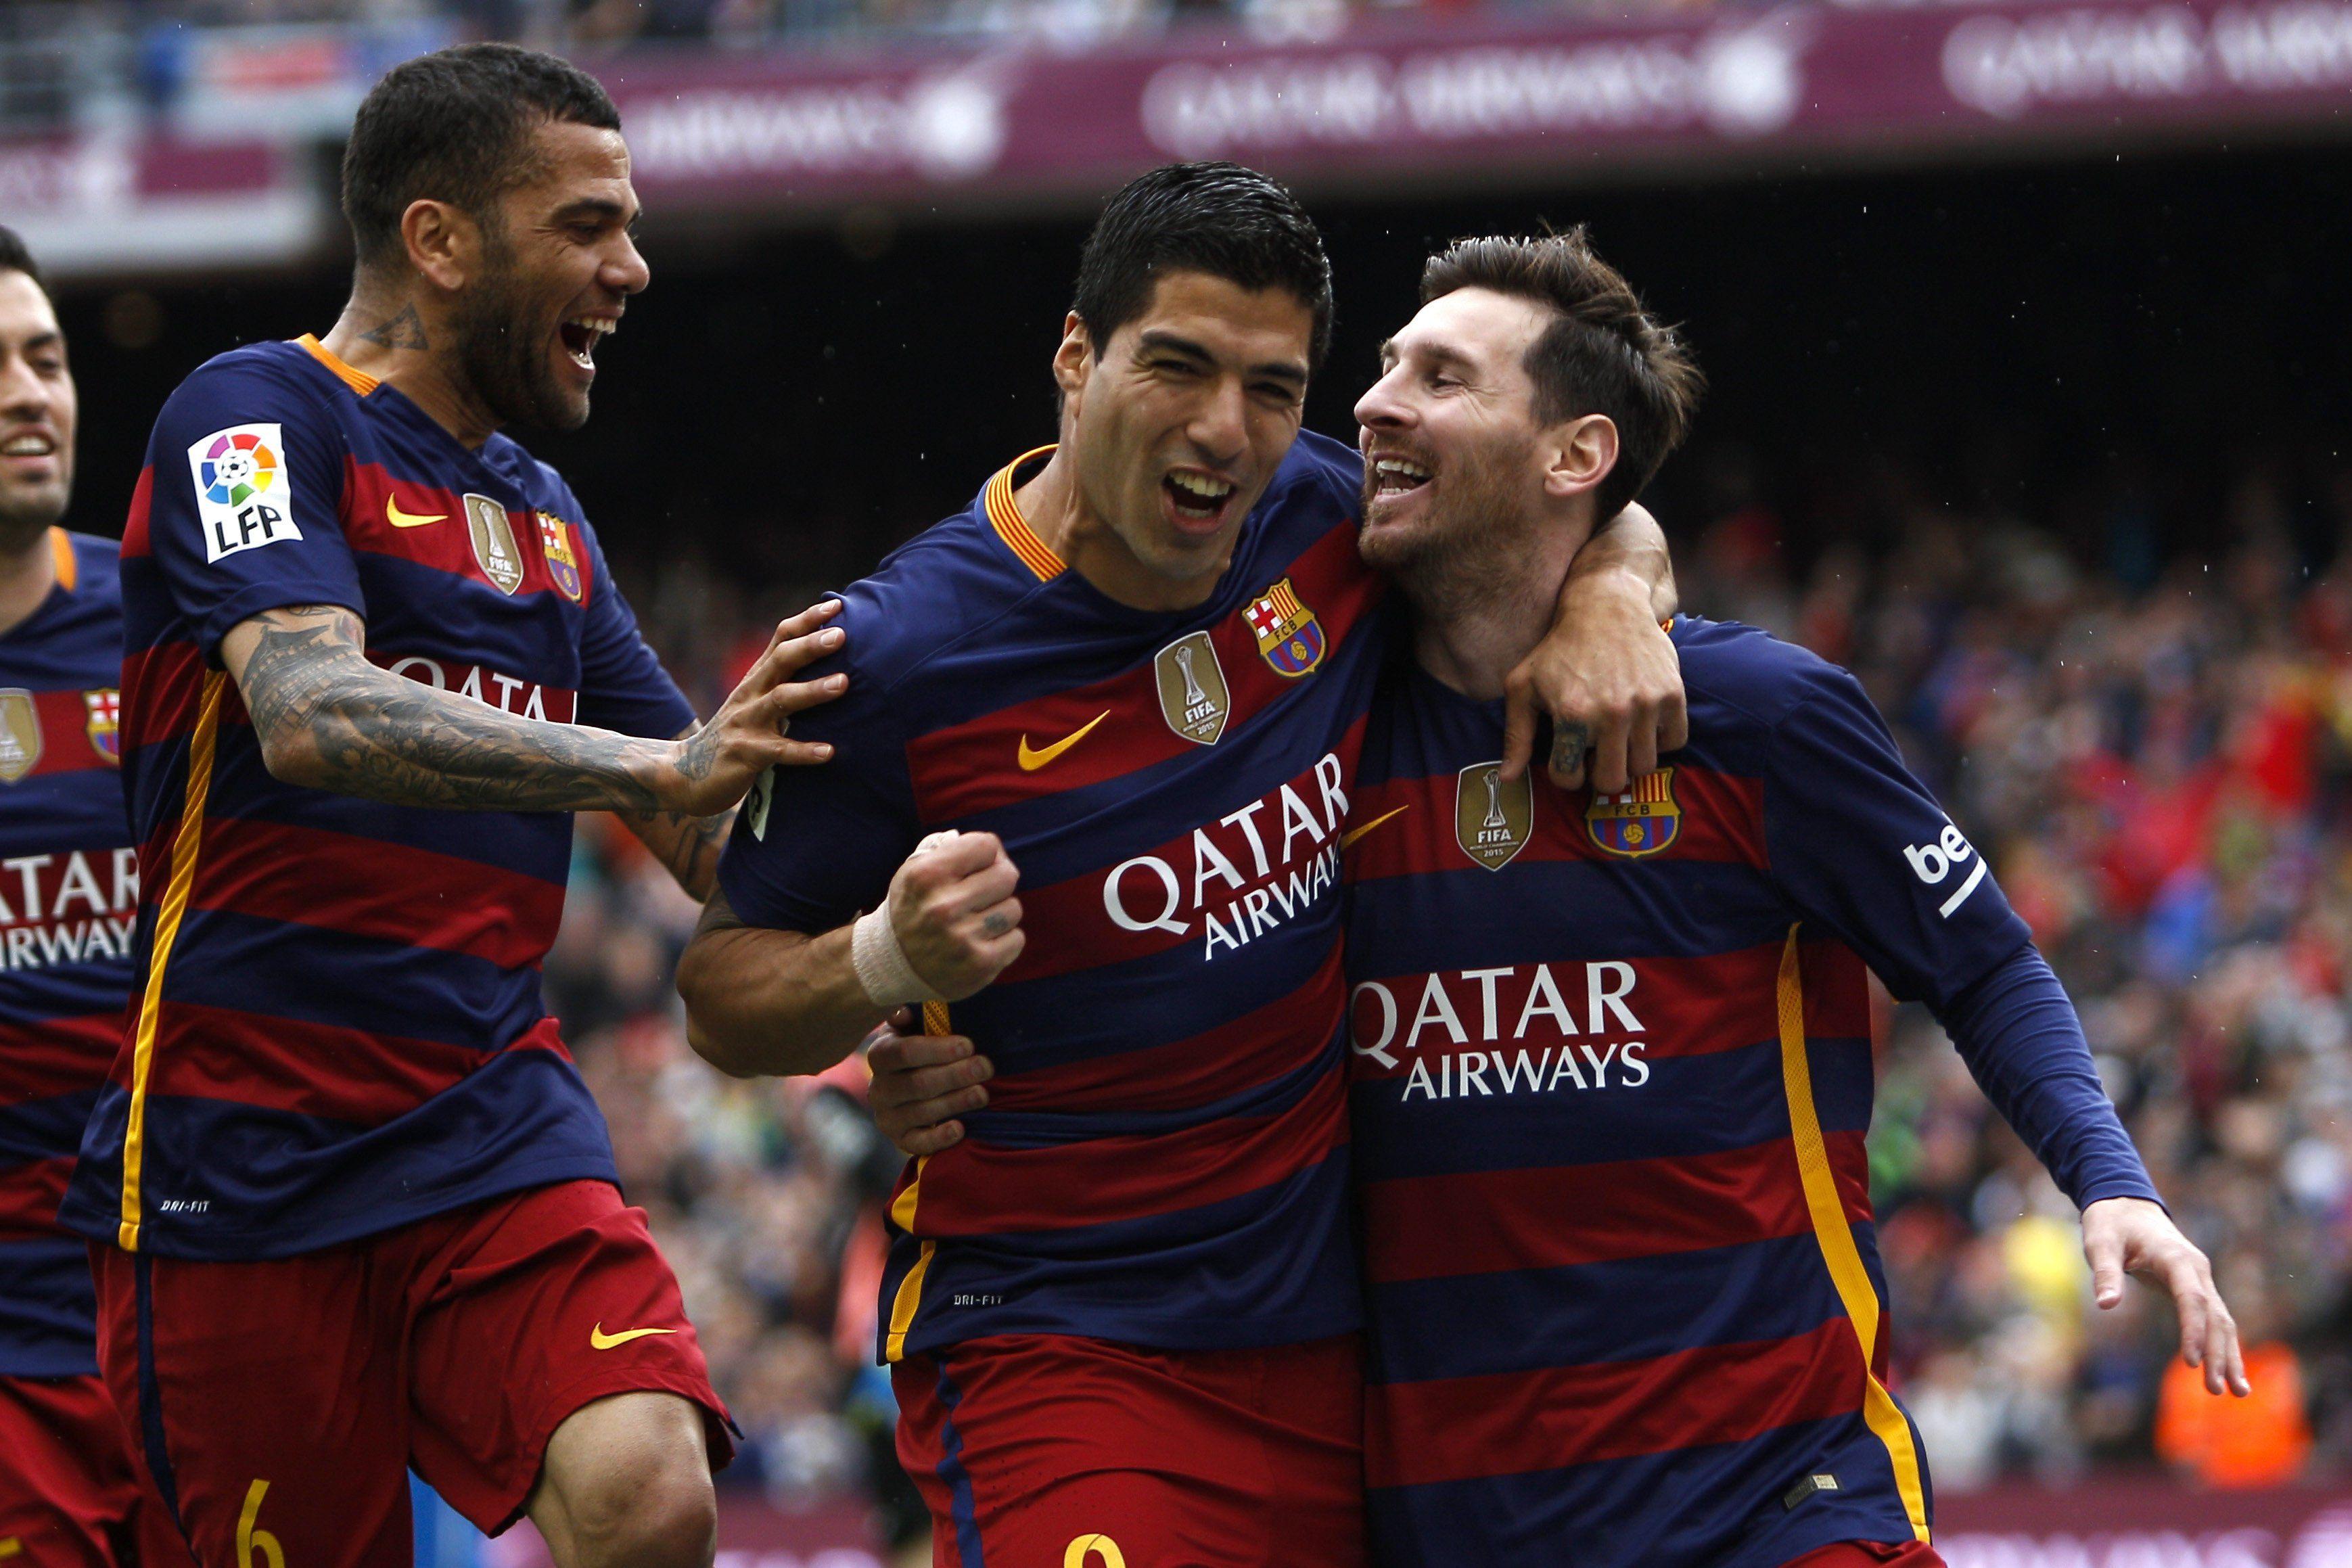 Con un gol de Messi, Barcelona aplastó en el clásico al Espanyol